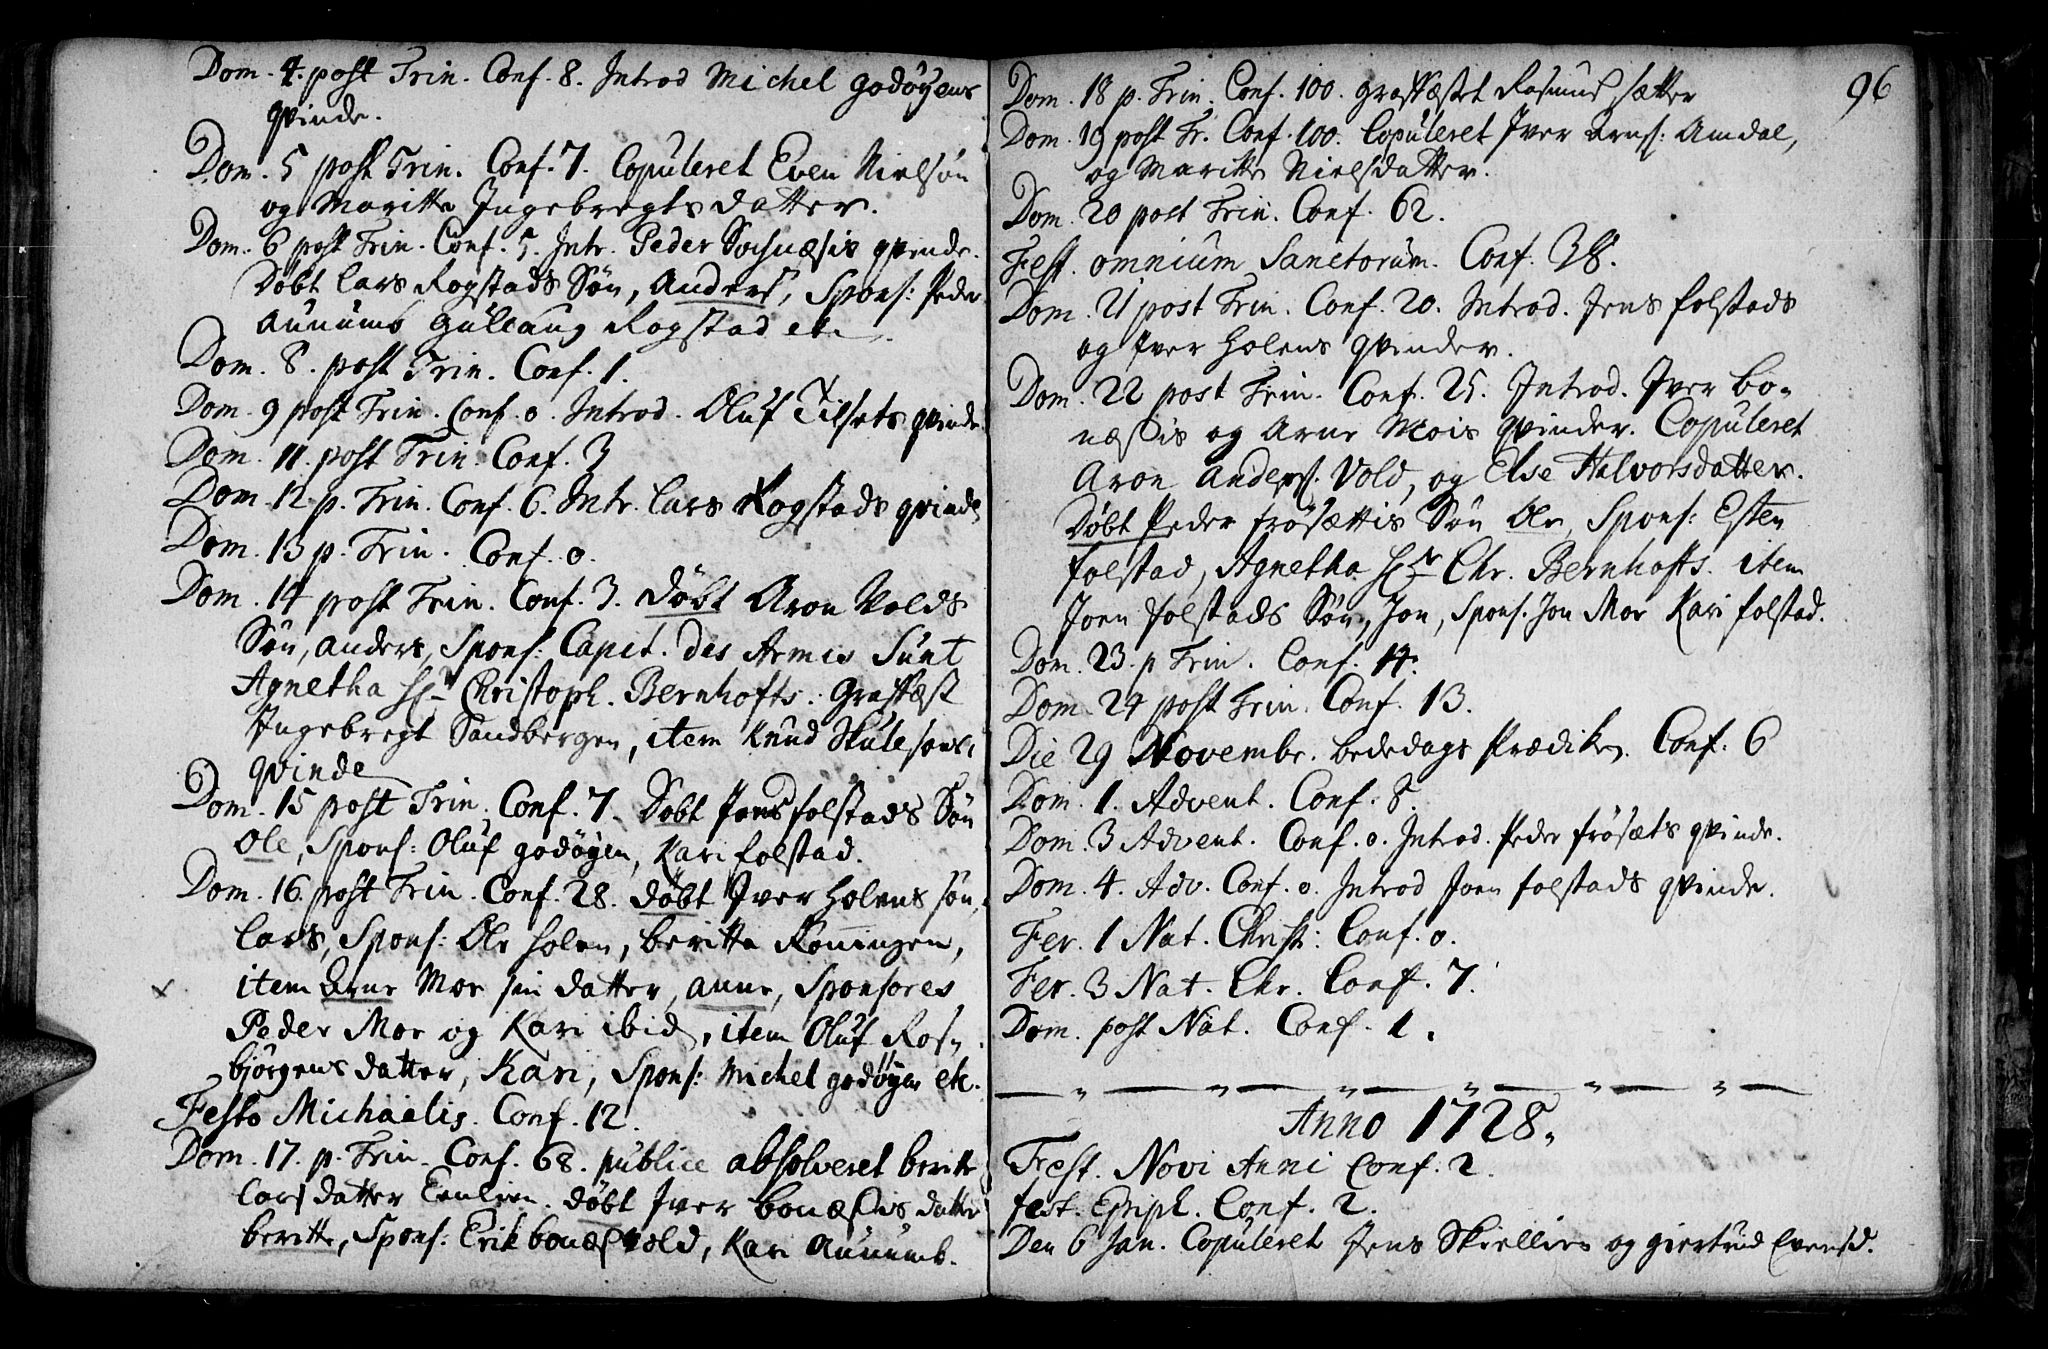 SAT, Ministerialprotokoller, klokkerbøker og fødselsregistre - Sør-Trøndelag, 687/L0990: Ministerialbok nr. 687A01, 1690-1746, s. 96